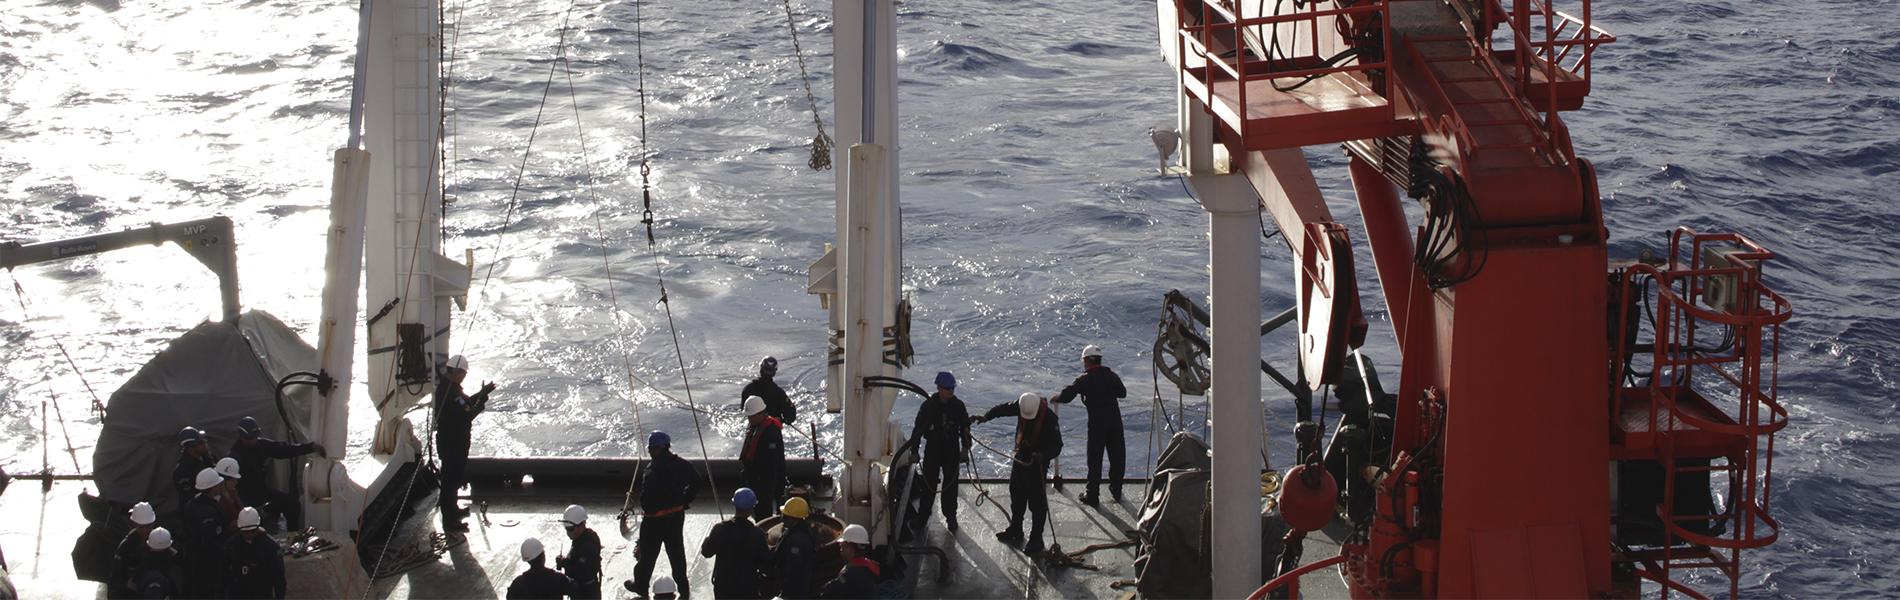 Imagem: Pessoas trabalhando a bordo do Navio de Pesquisa Hidroceanográfico Vital de Oliveira com mar ao fundo